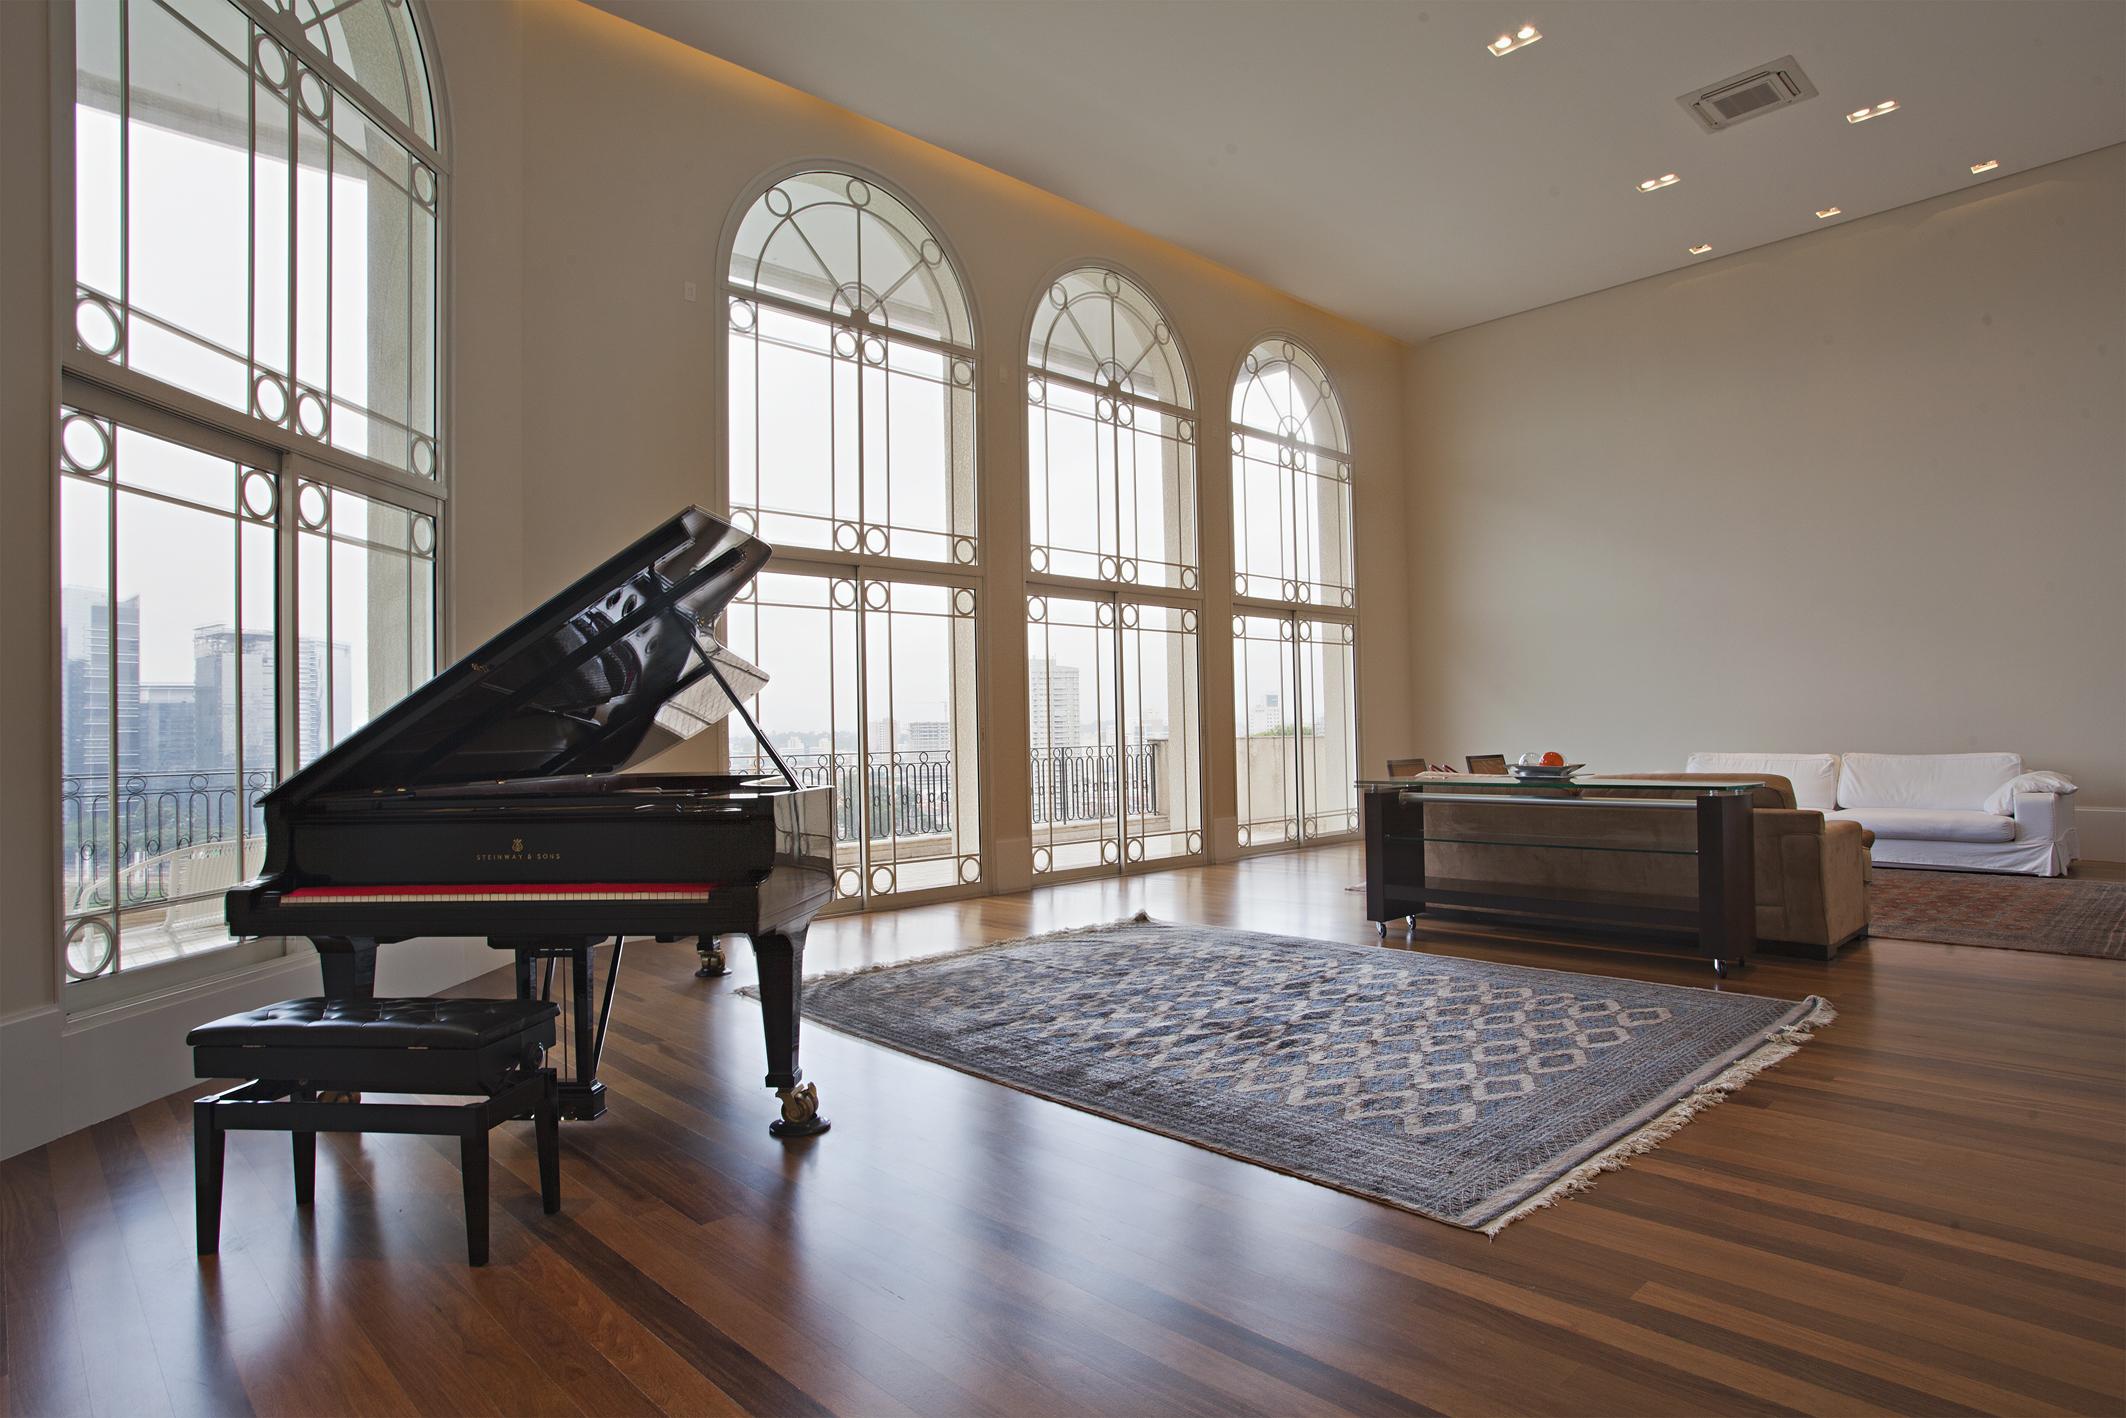 단독 가정 주택 용 매매 에 Piano House Morumbi, Sao Paulo, 상파울로 브라질